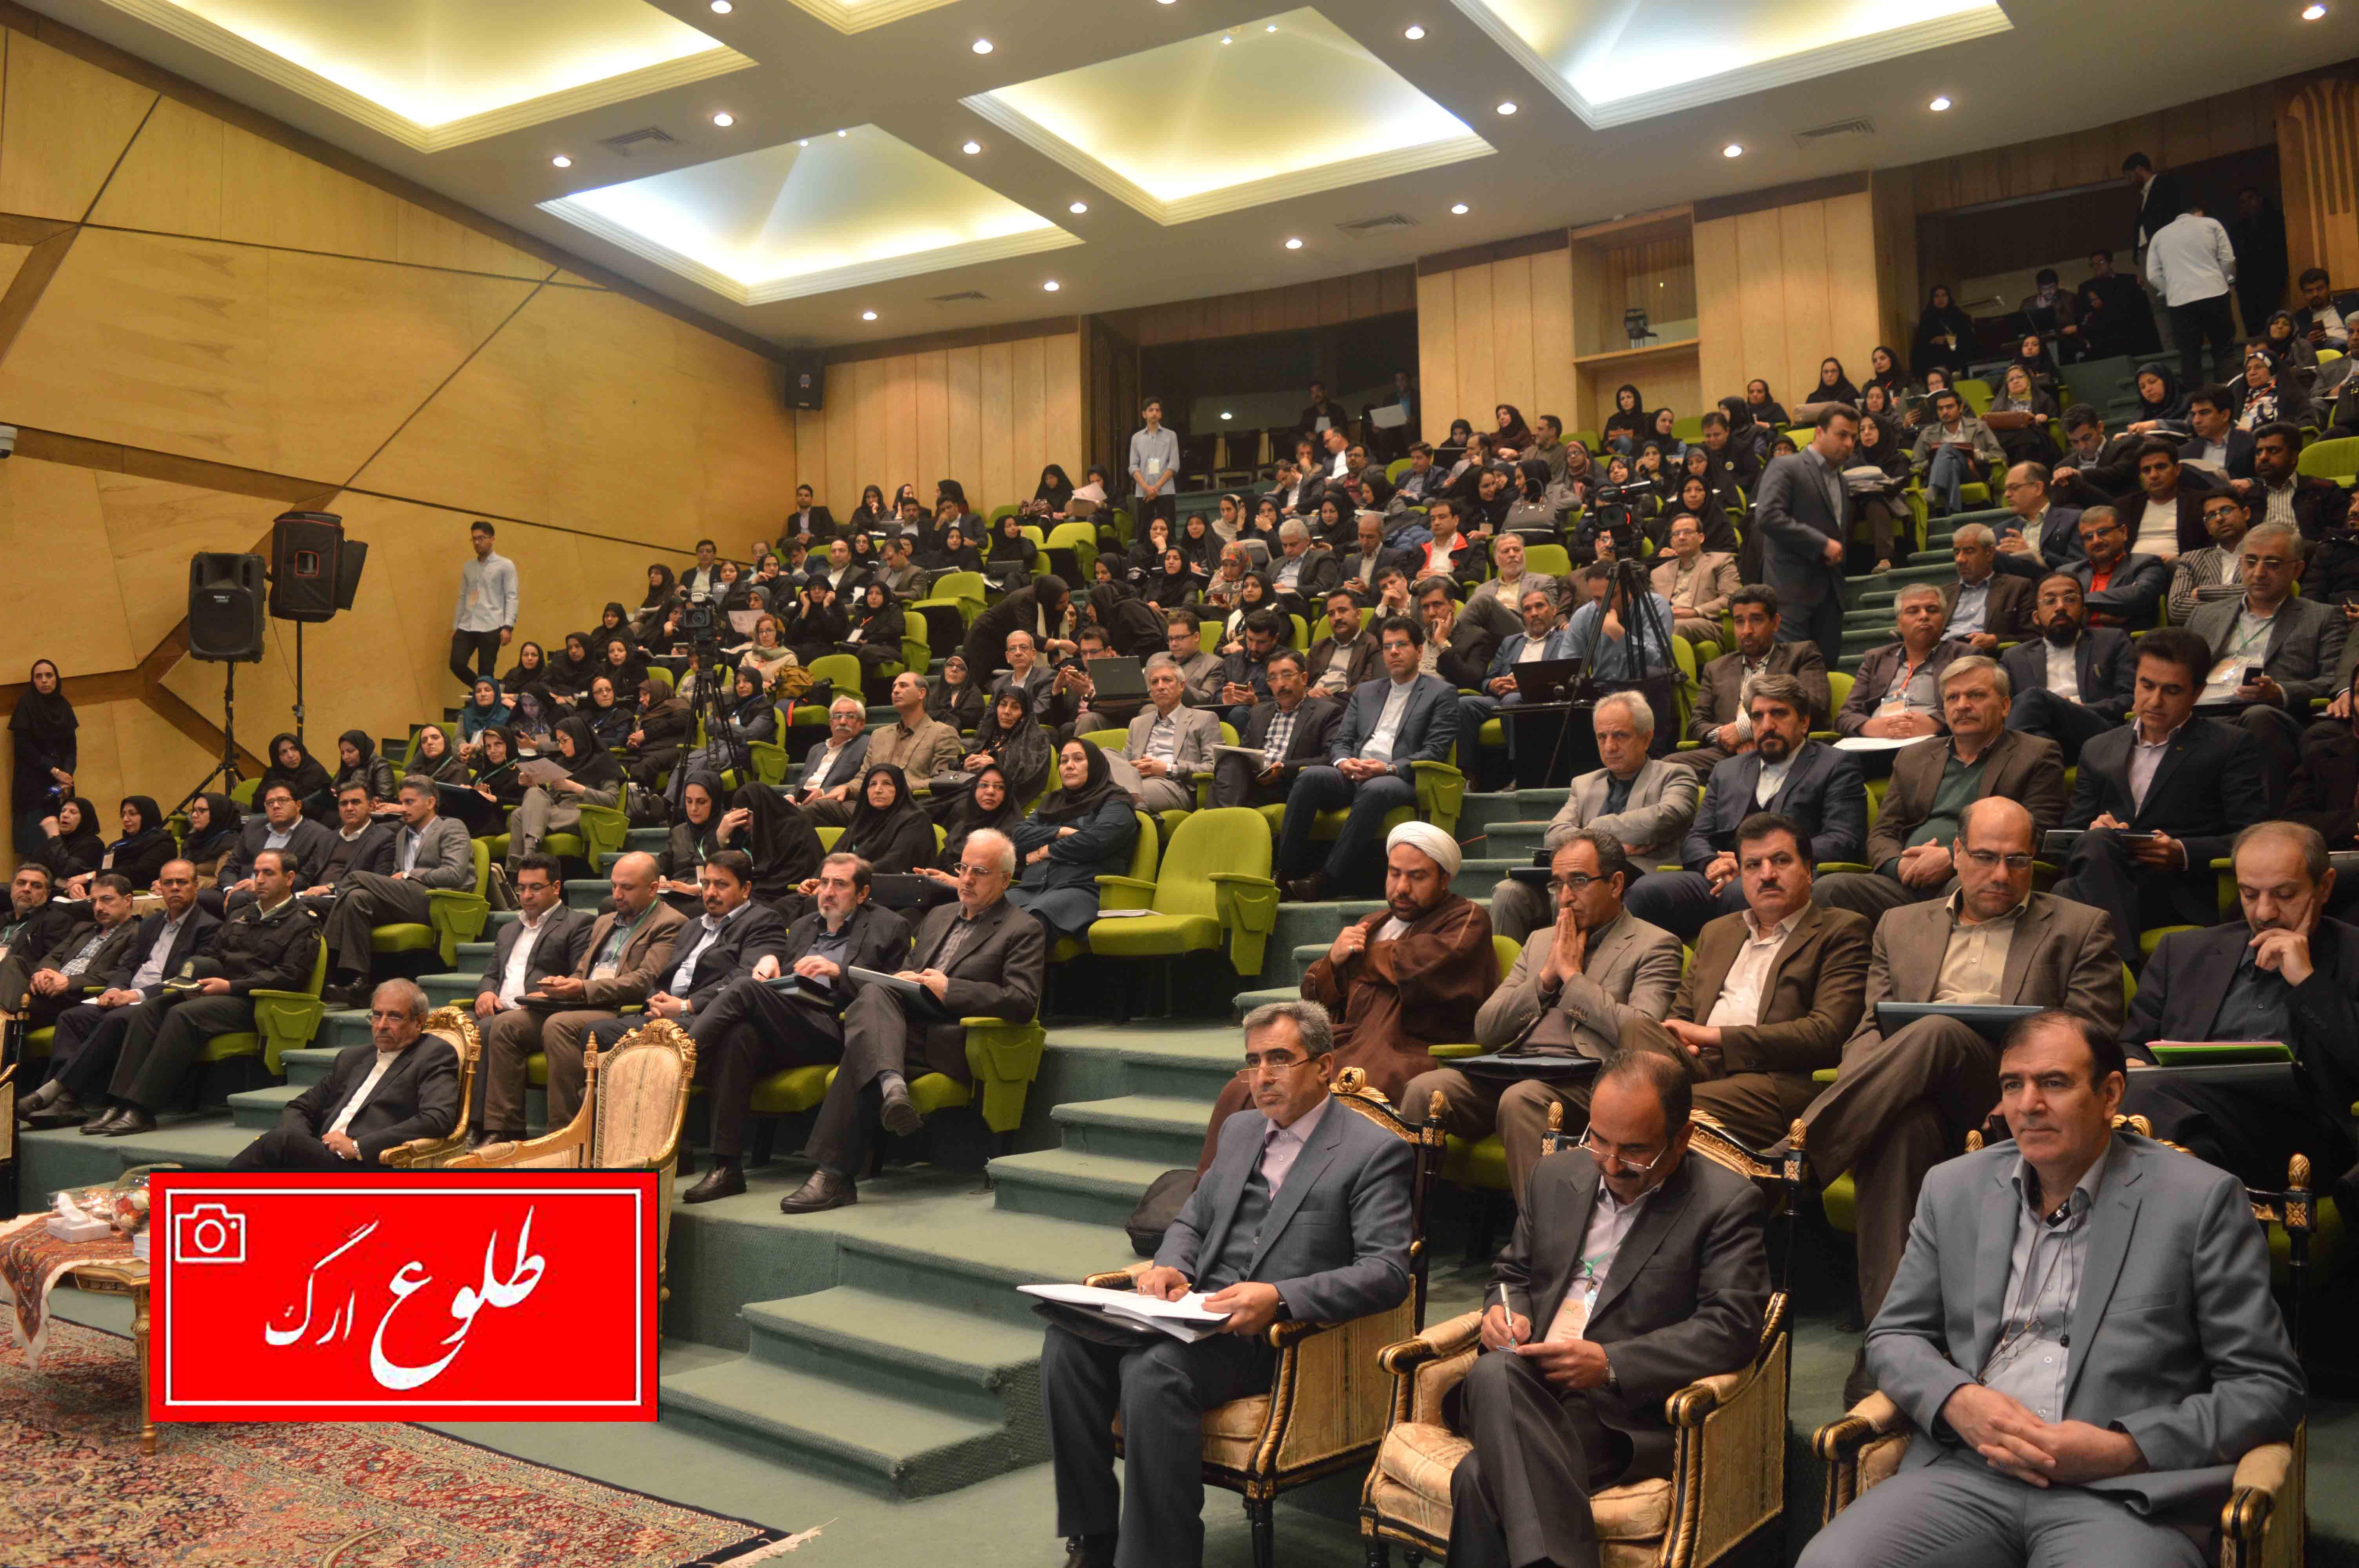 افتتاحیه ششمین کنگره اخلاق پرستاری در دانشگاه علوم پزشکی بم + گزارش تصویری